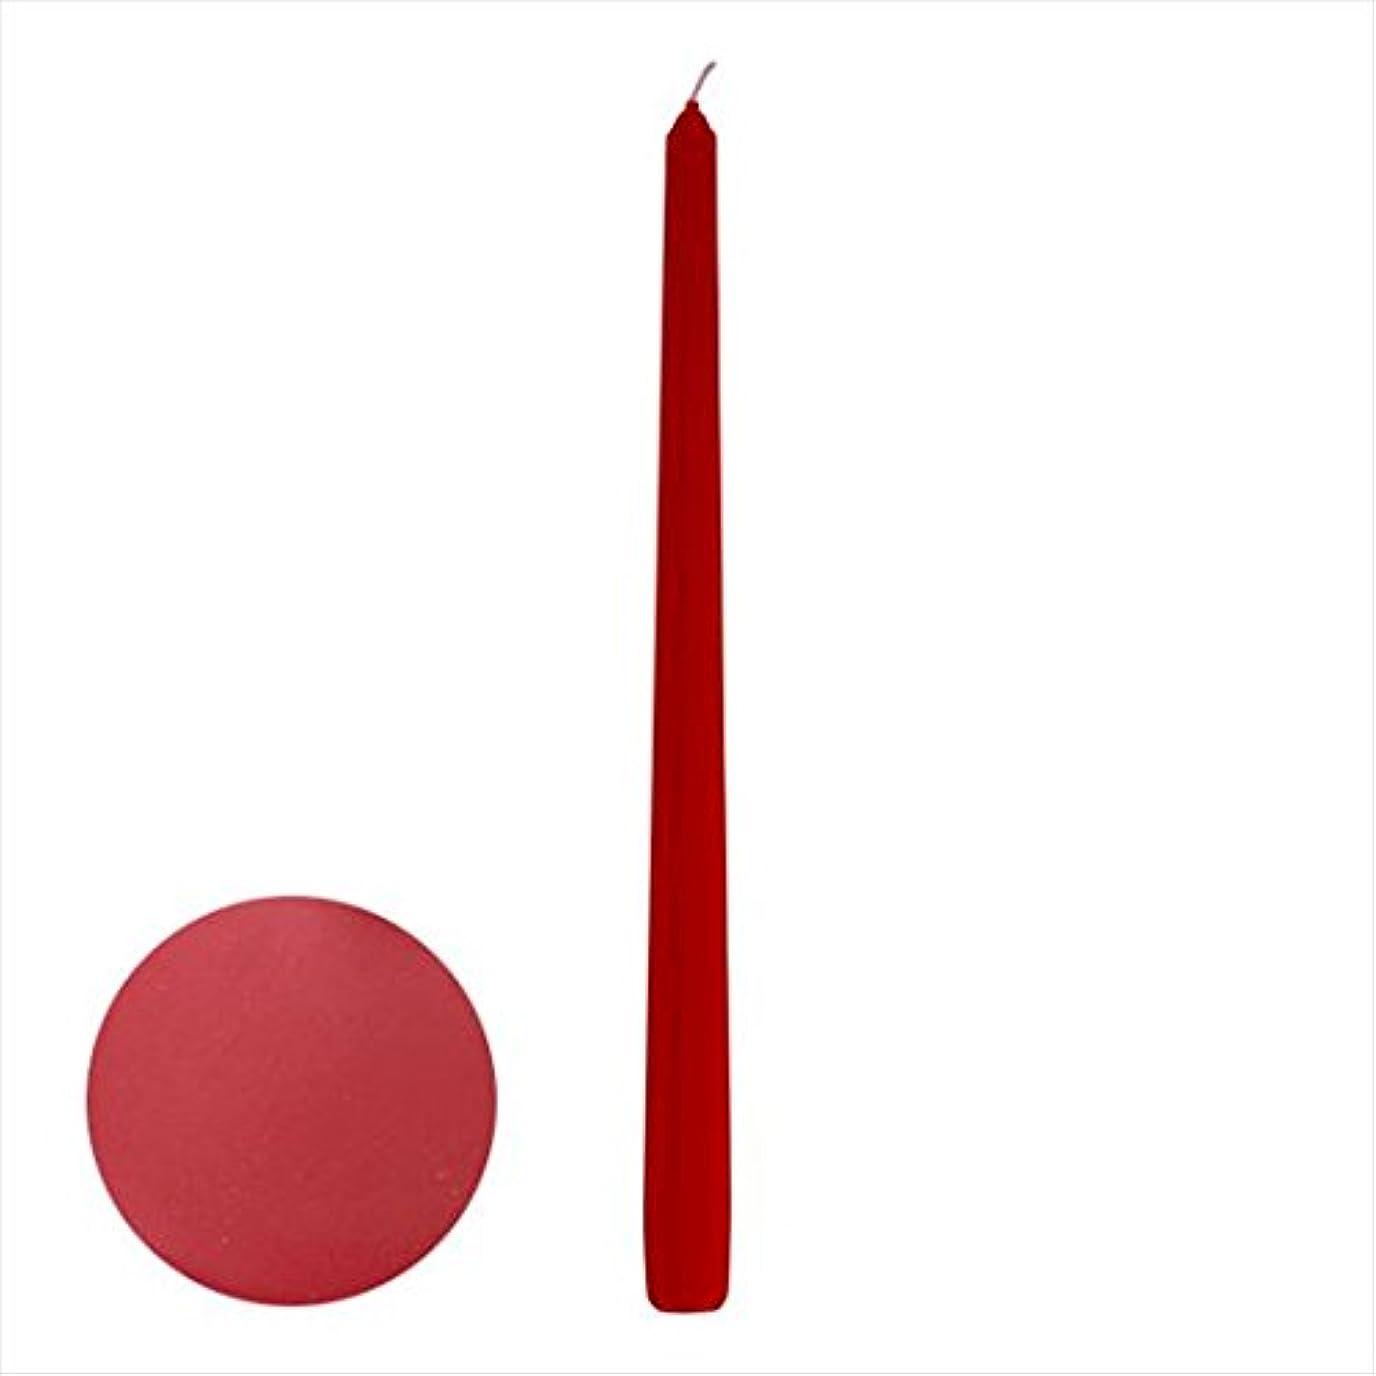 クラス作成するスリラーカメヤマキャンドル(kameyama candle) 12インチテーパー 「 ダークレッド 」 12本入り